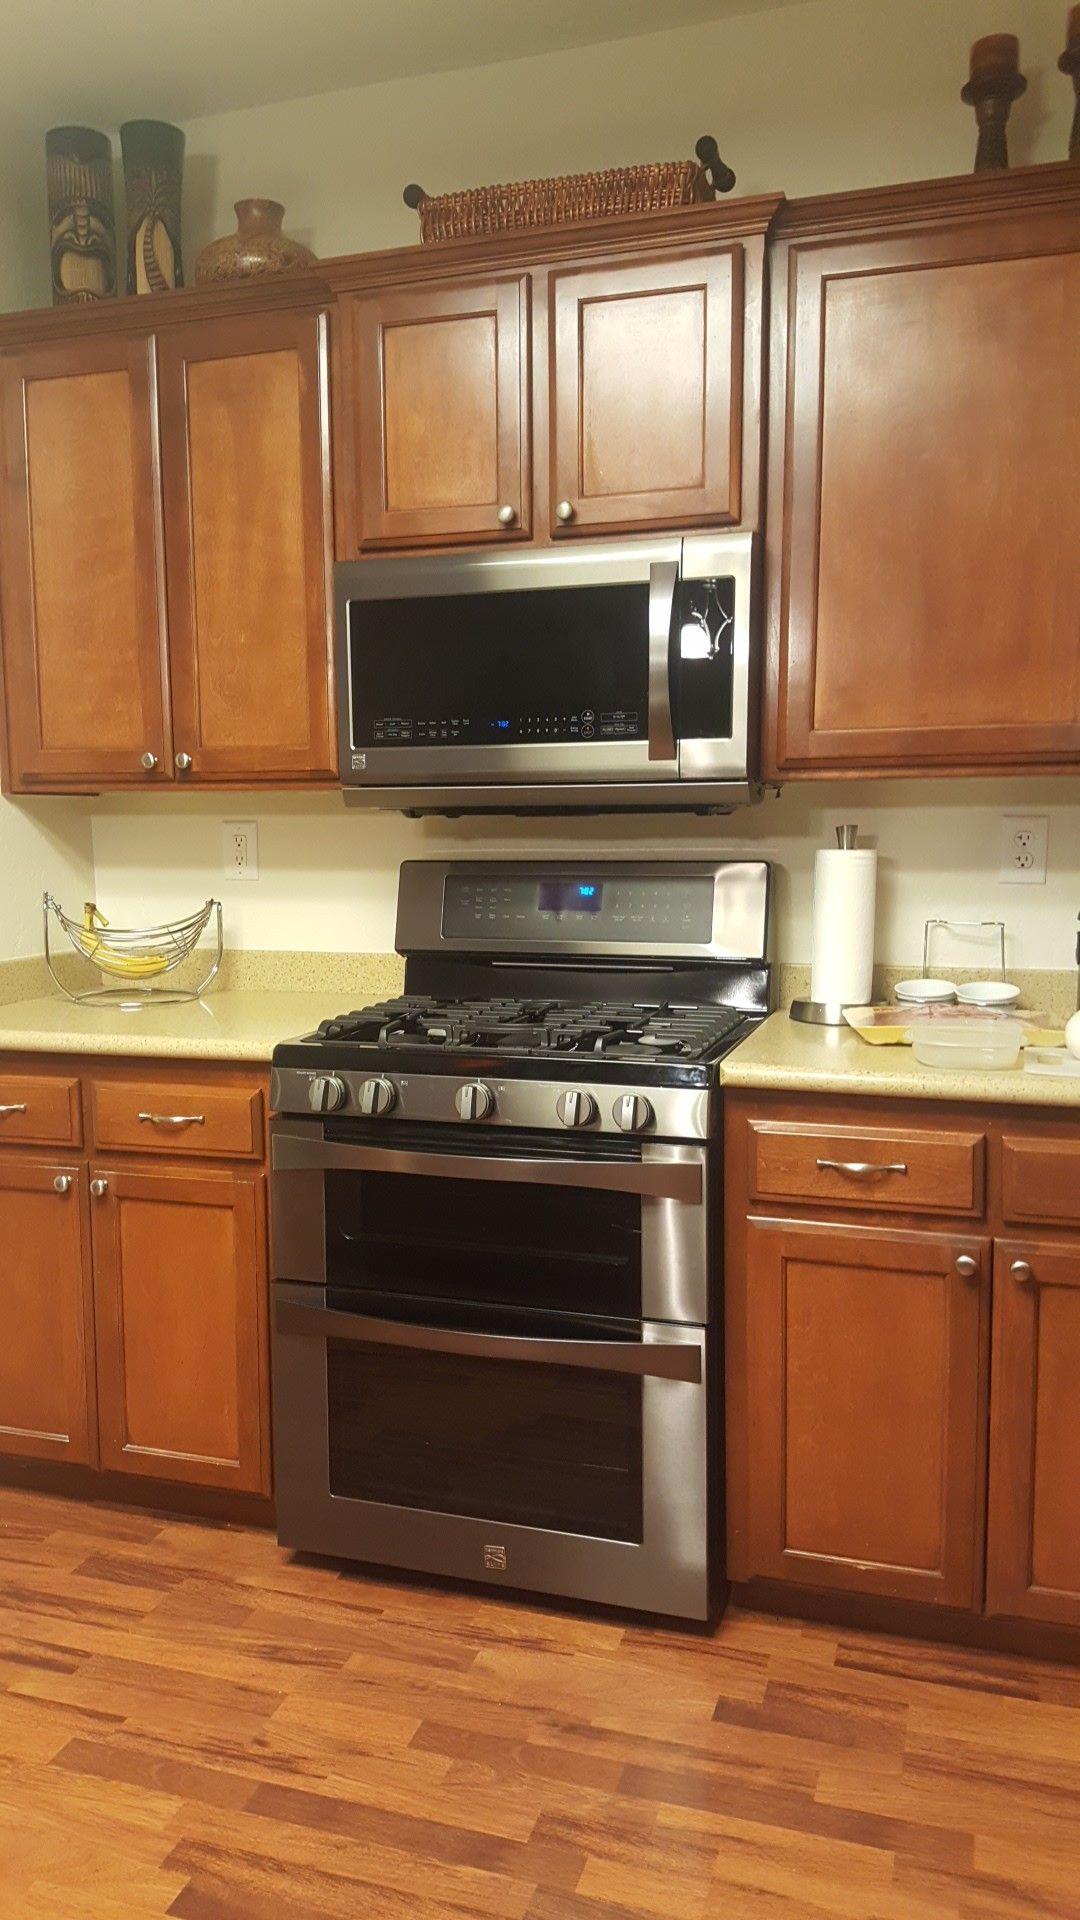 Black Stainless Steel | Kitchen cabinets, Kitchen, Home decor